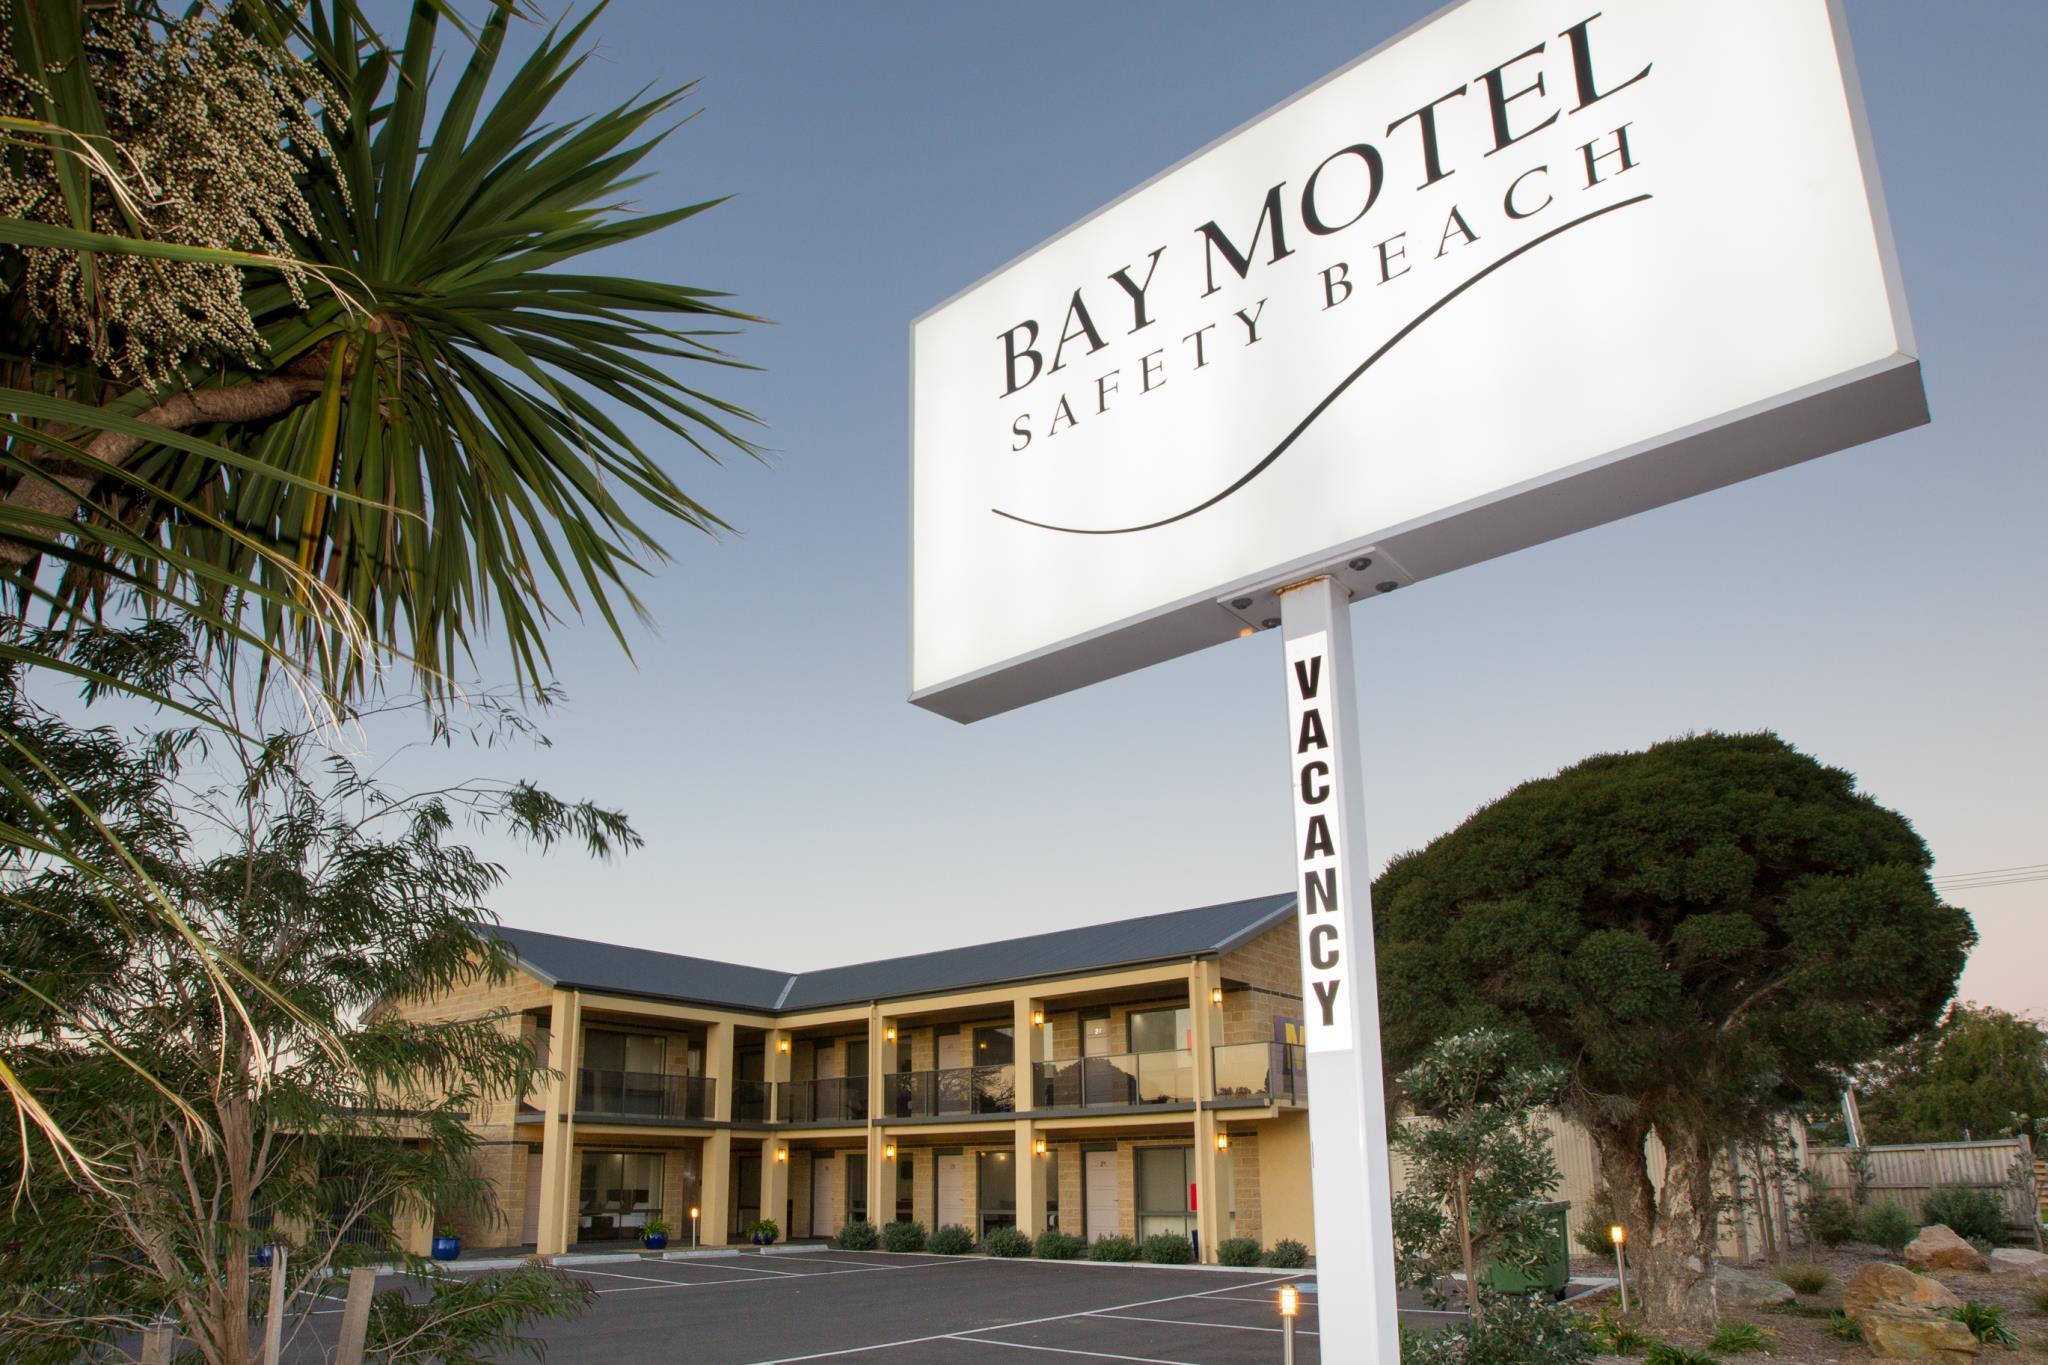 Bay Motel Safety Beach